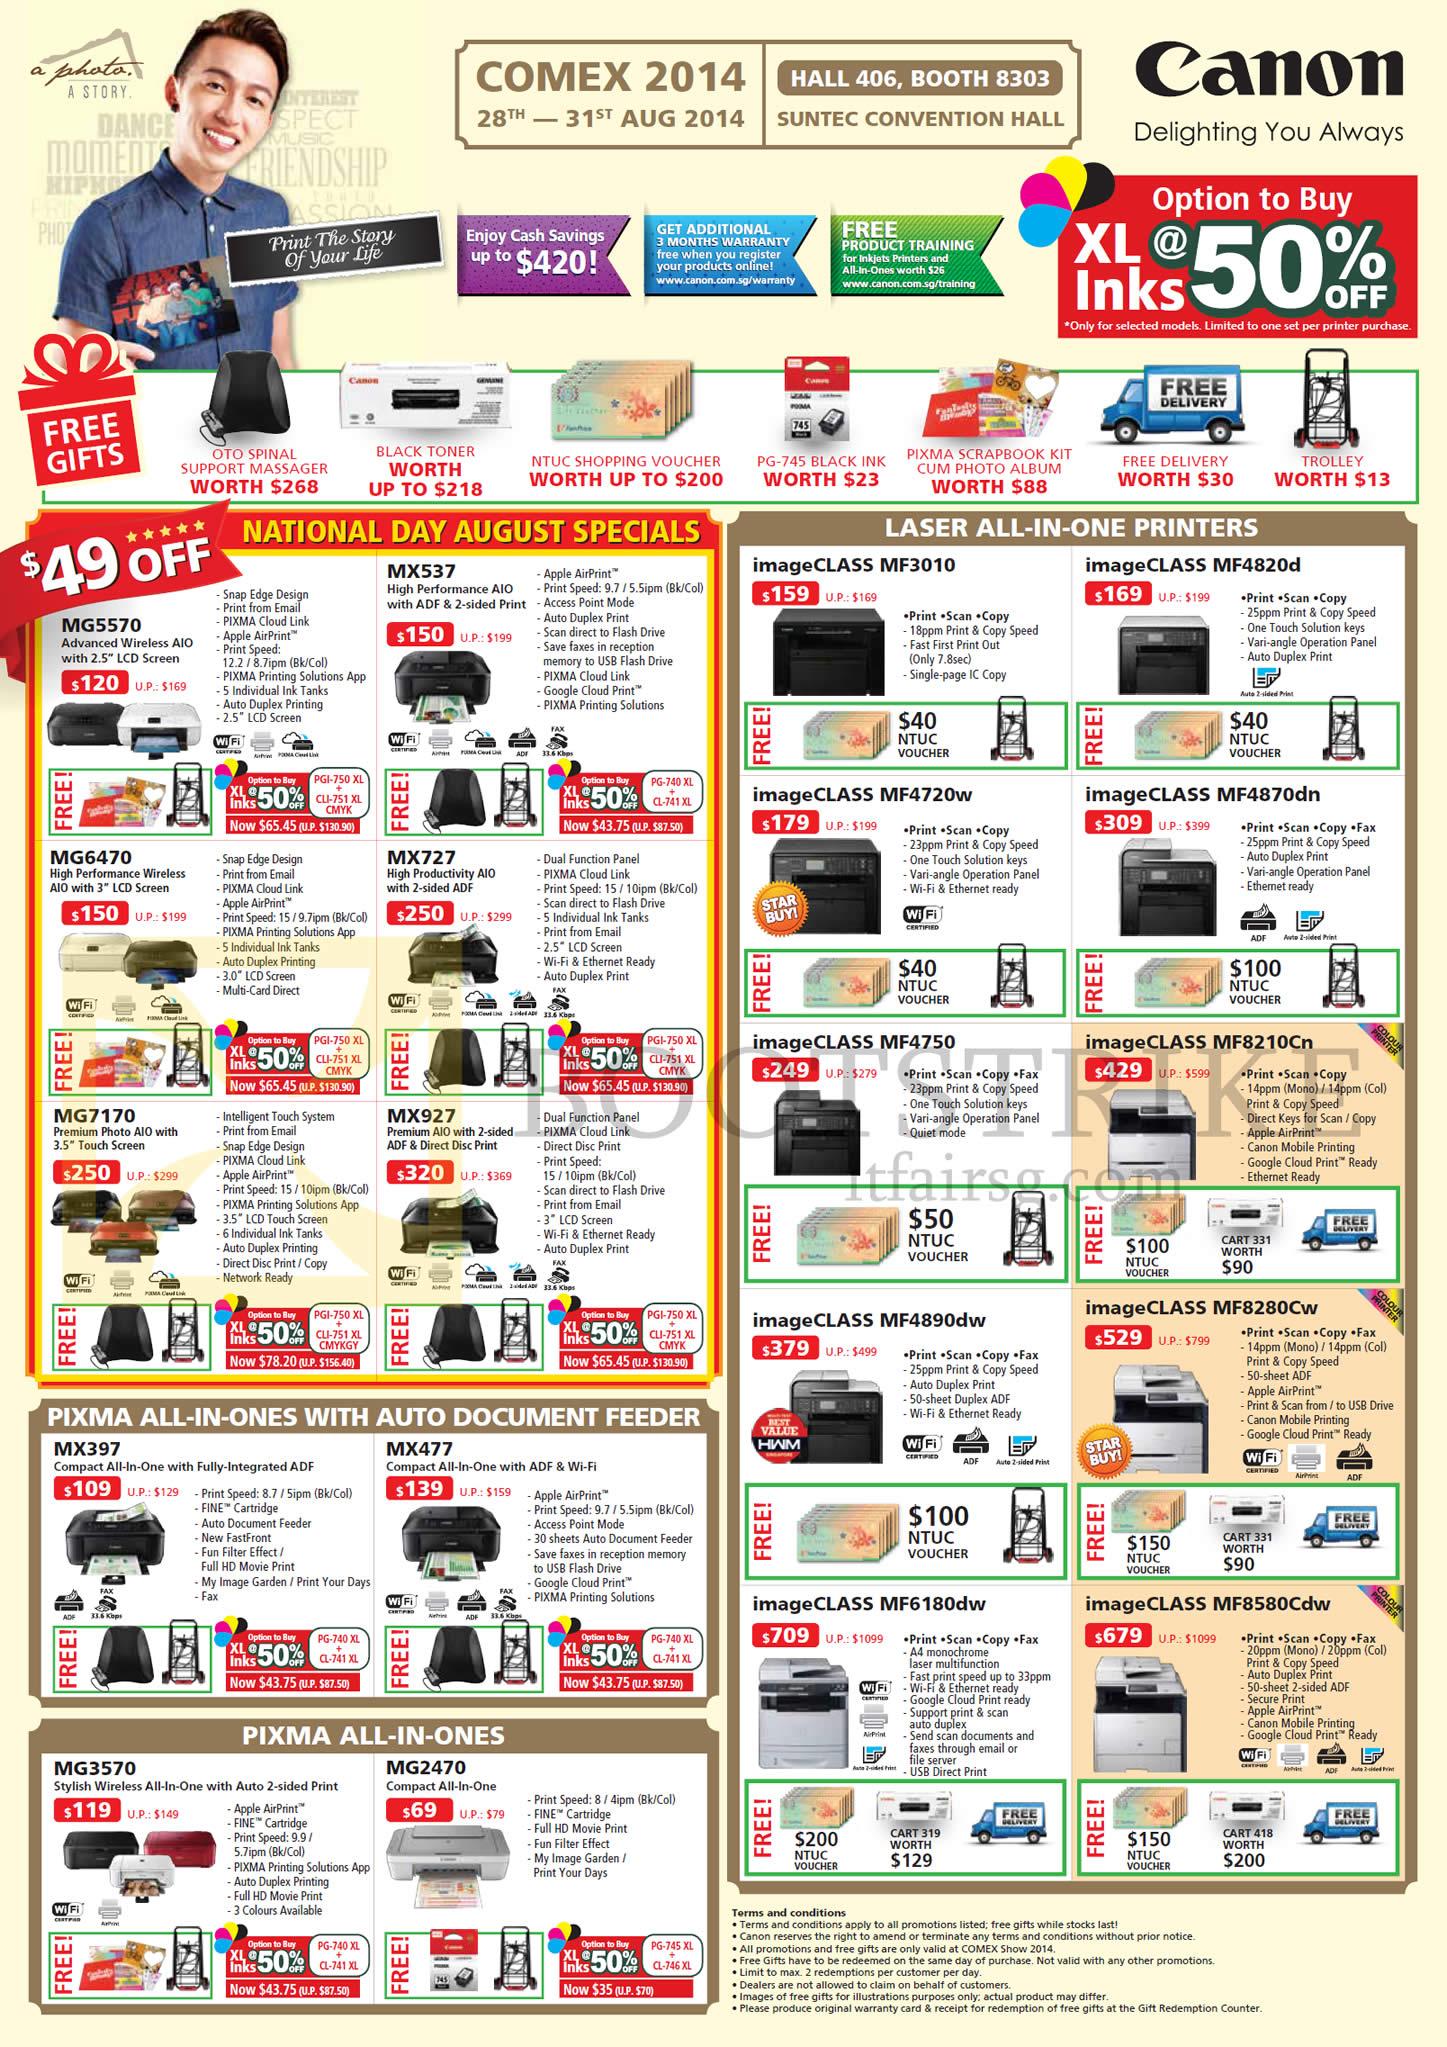 COMEX 2014 price list image brochure of Canon Printers Inkjet Pixma, Laser, MG5570, MX537, MG7170, MX927, MX477, MG3570, ImageClass MF3010, MF4820d, MF8210cn, MF4890dw, MF8580dw